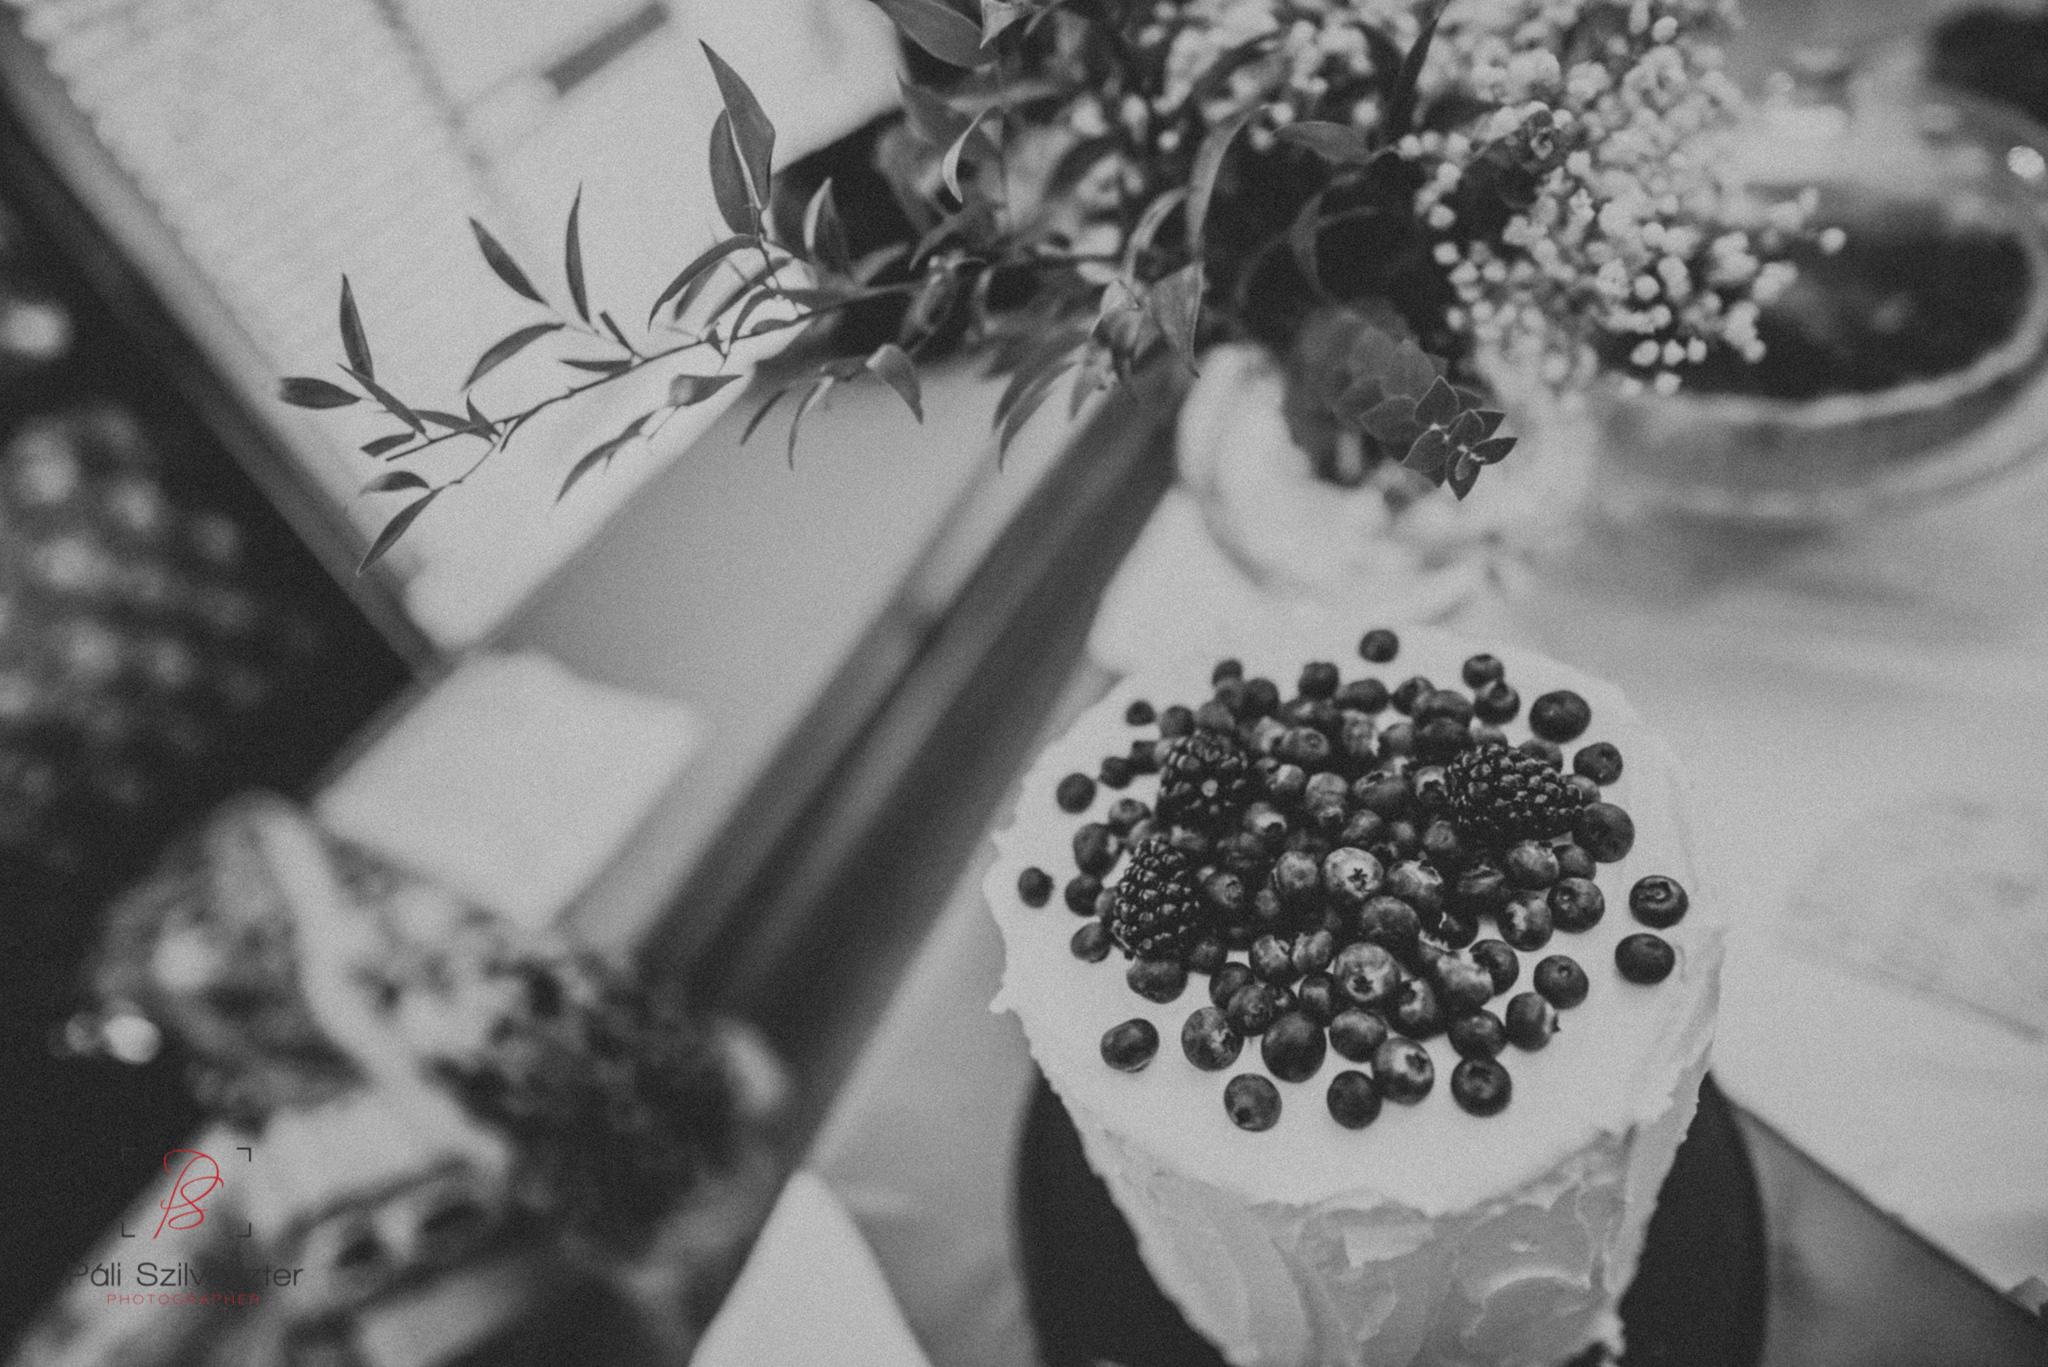 Páli-Szilveszter-székesfehérvári-esküvői-fotós-esztergom-prímás-pince-esüvőkiállítás-2016-01-23-70439.jpg